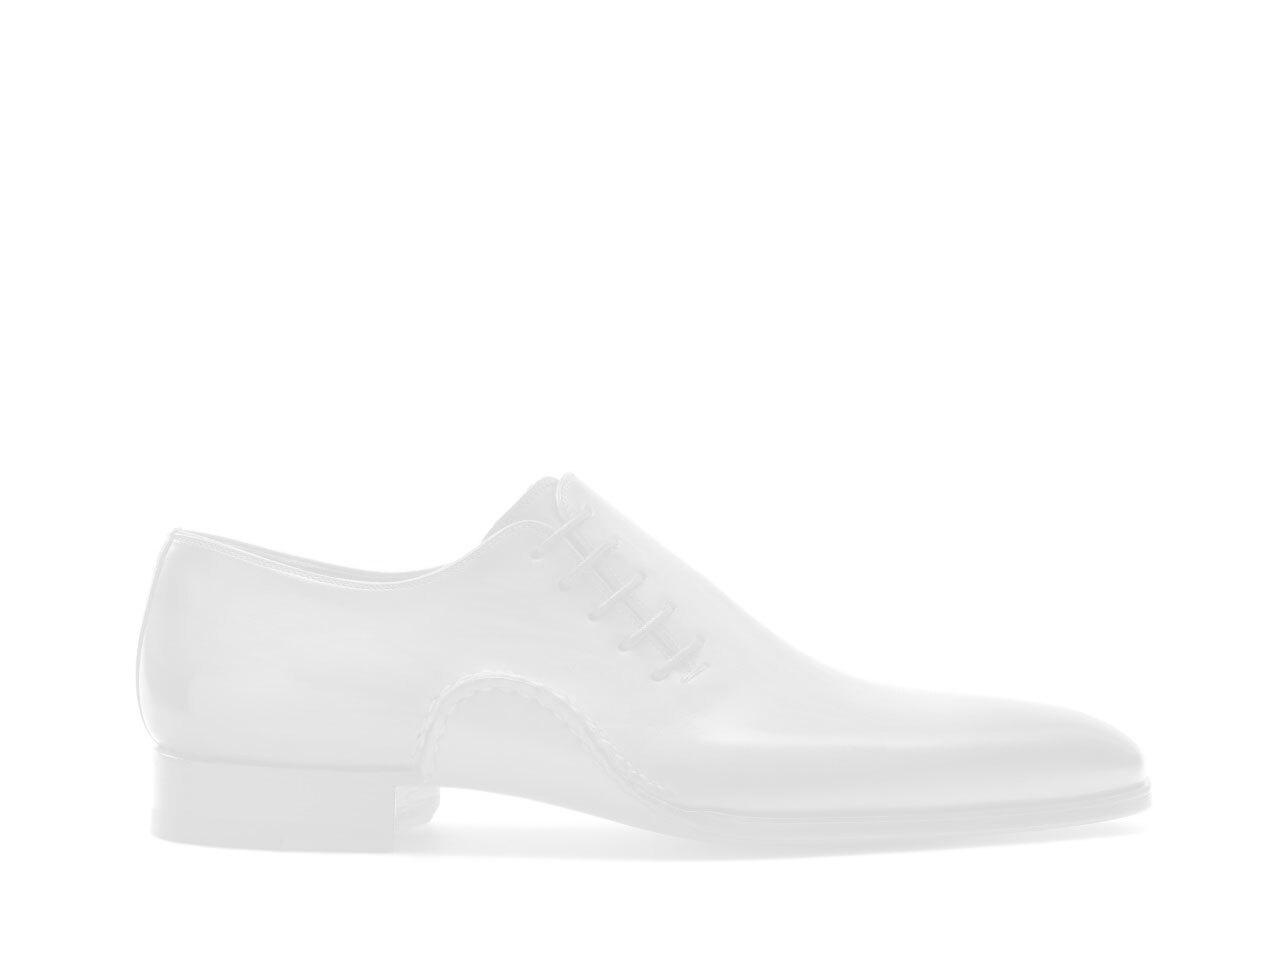 Sole of the Magnanni Herrera Cuero Men's Loafers